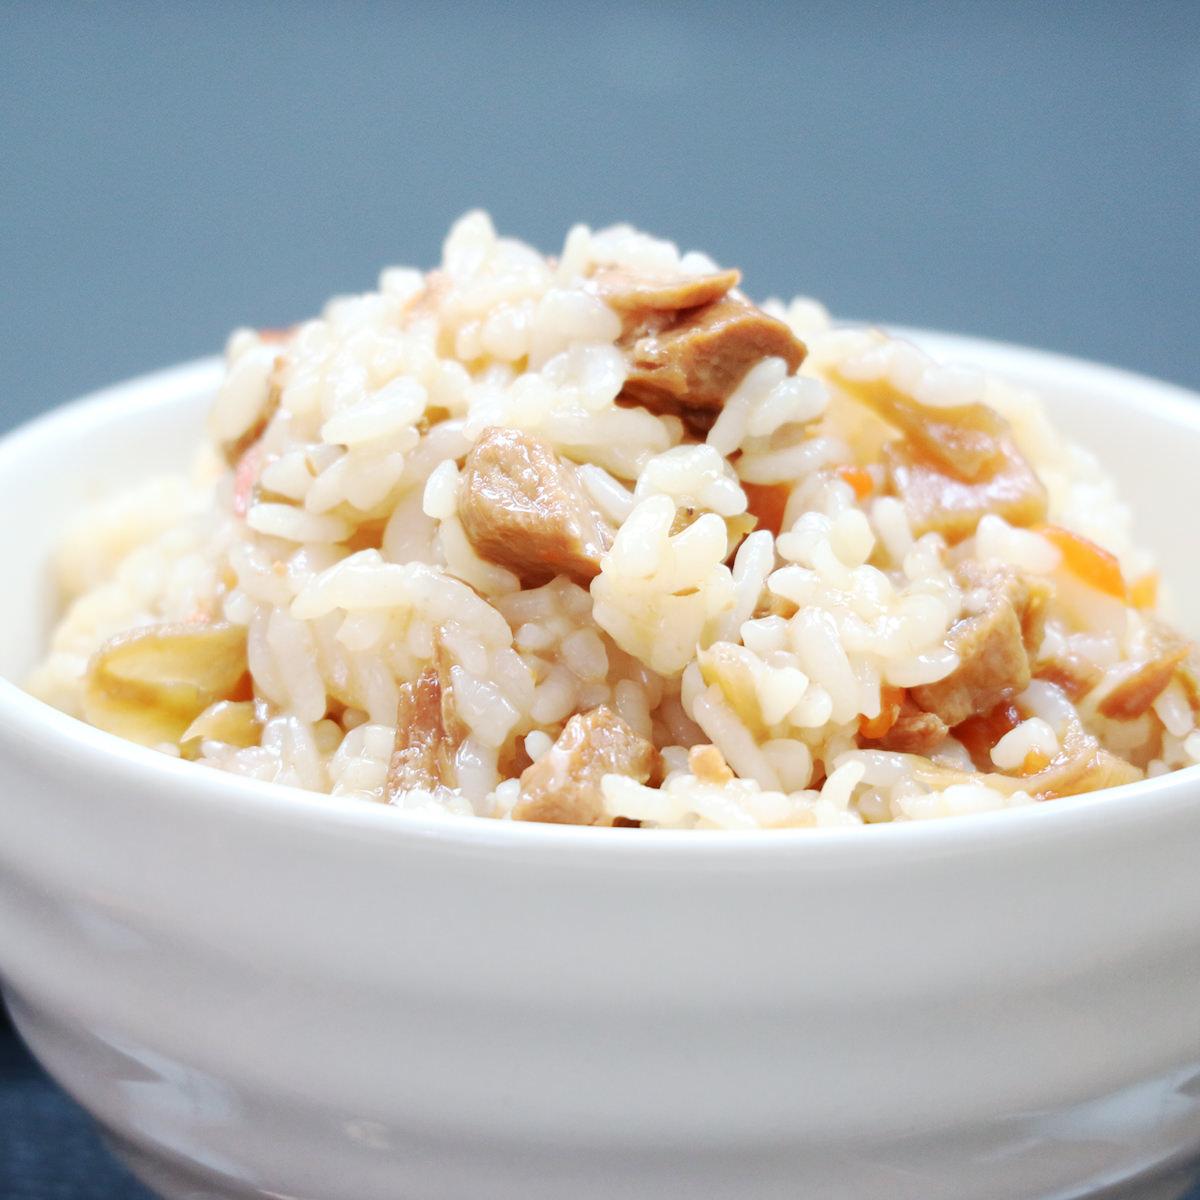 鶏とごぼうのまぜご飯の素 30個 業務用 〔160g×30〕 料理の素 調味料